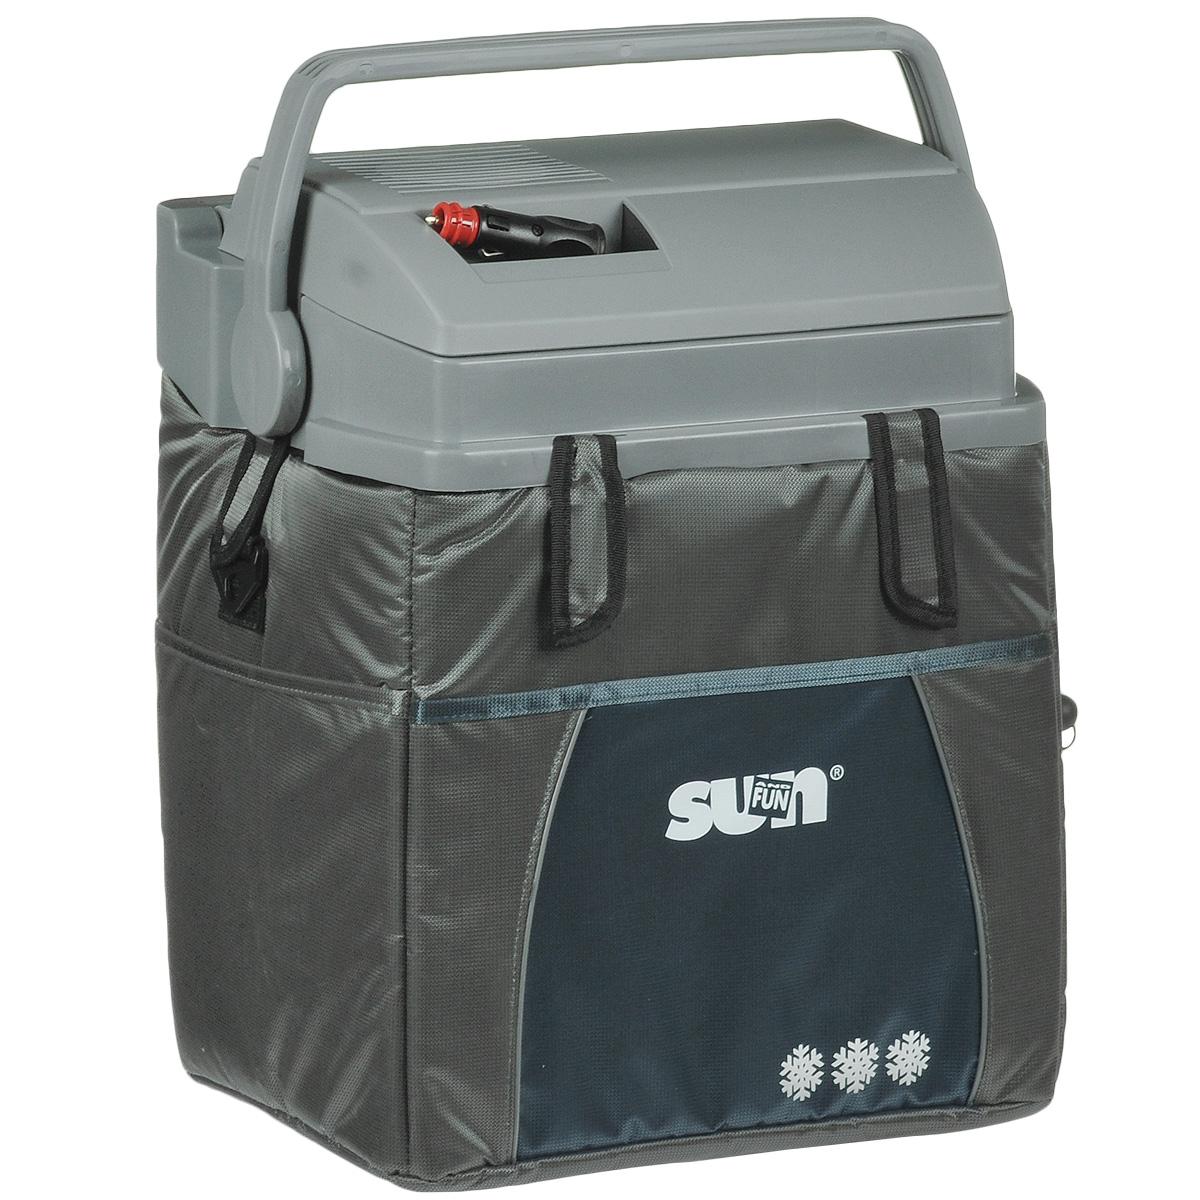 Термоэлектрический контейнер охлаждения Ezetil ESC 21 Sun & Fun 12V, цвет: серый, 19,6 л